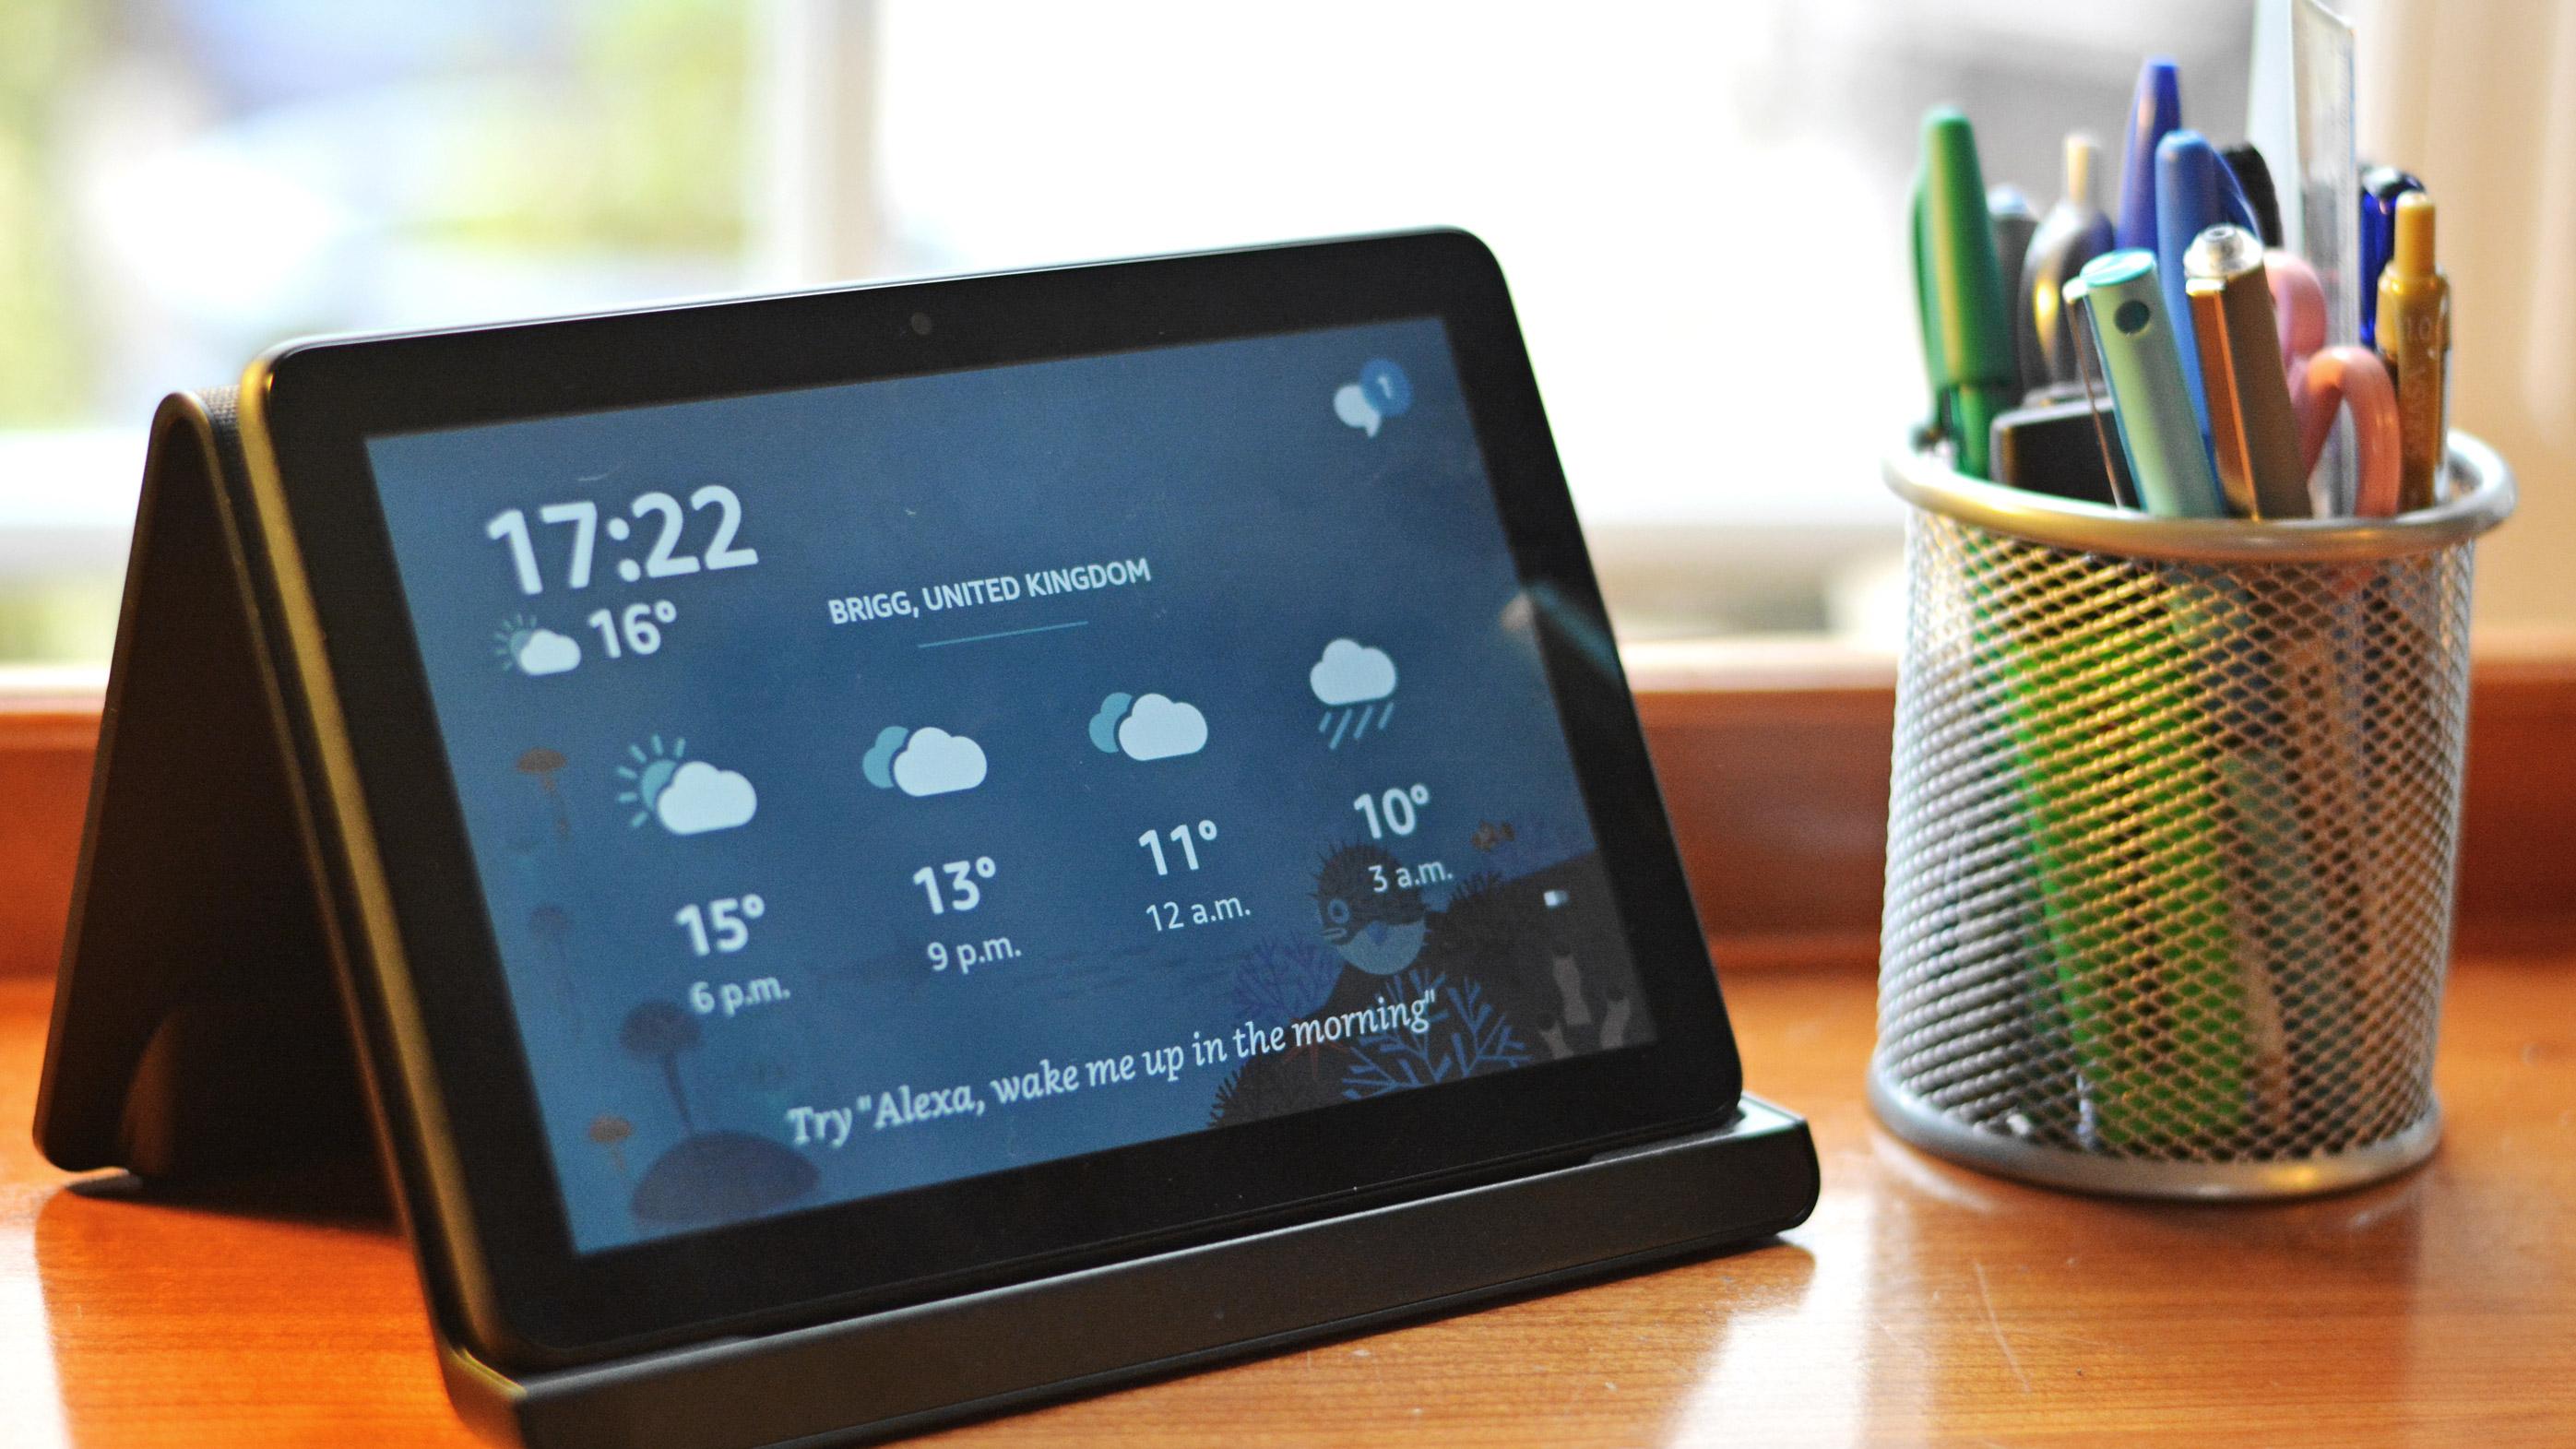 Amazon Fire Hd 8 Plus Review Techradar